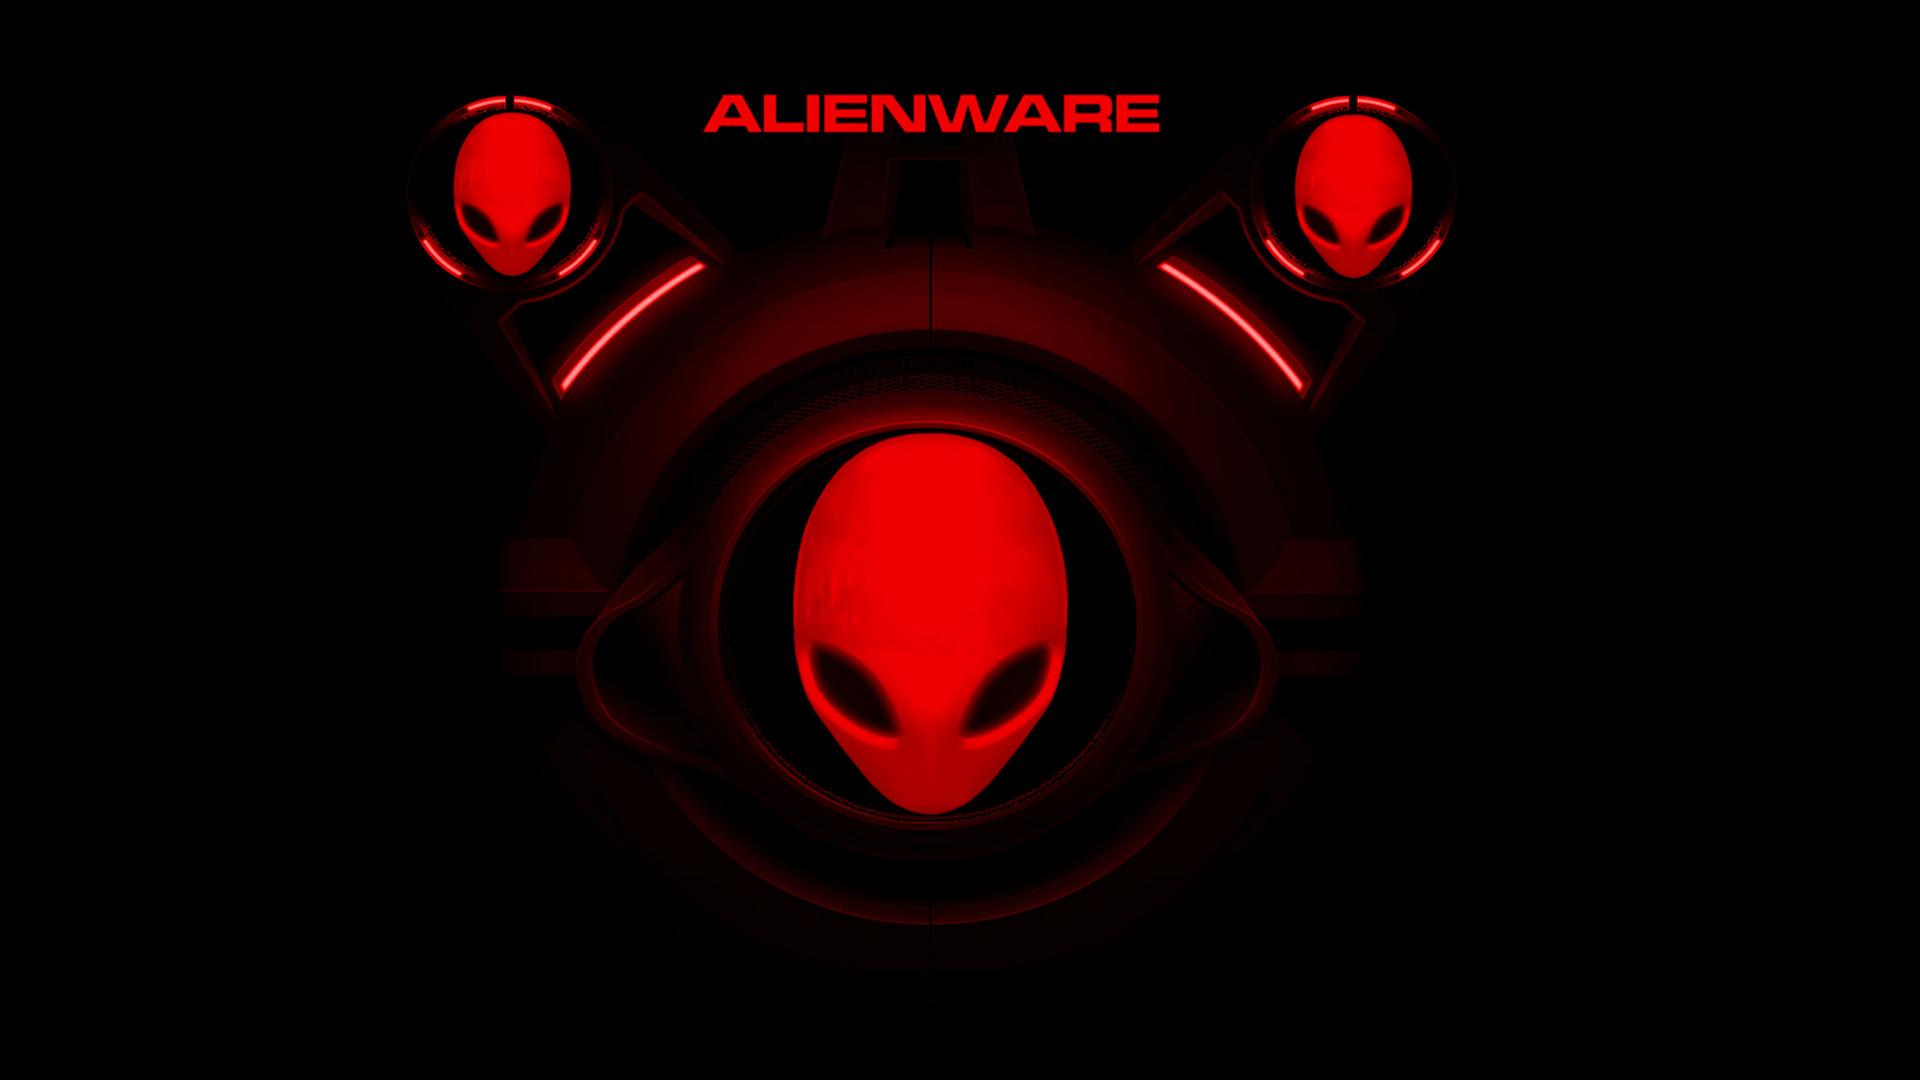 alienware wallpaper 1920x1080 hd (80+ images)